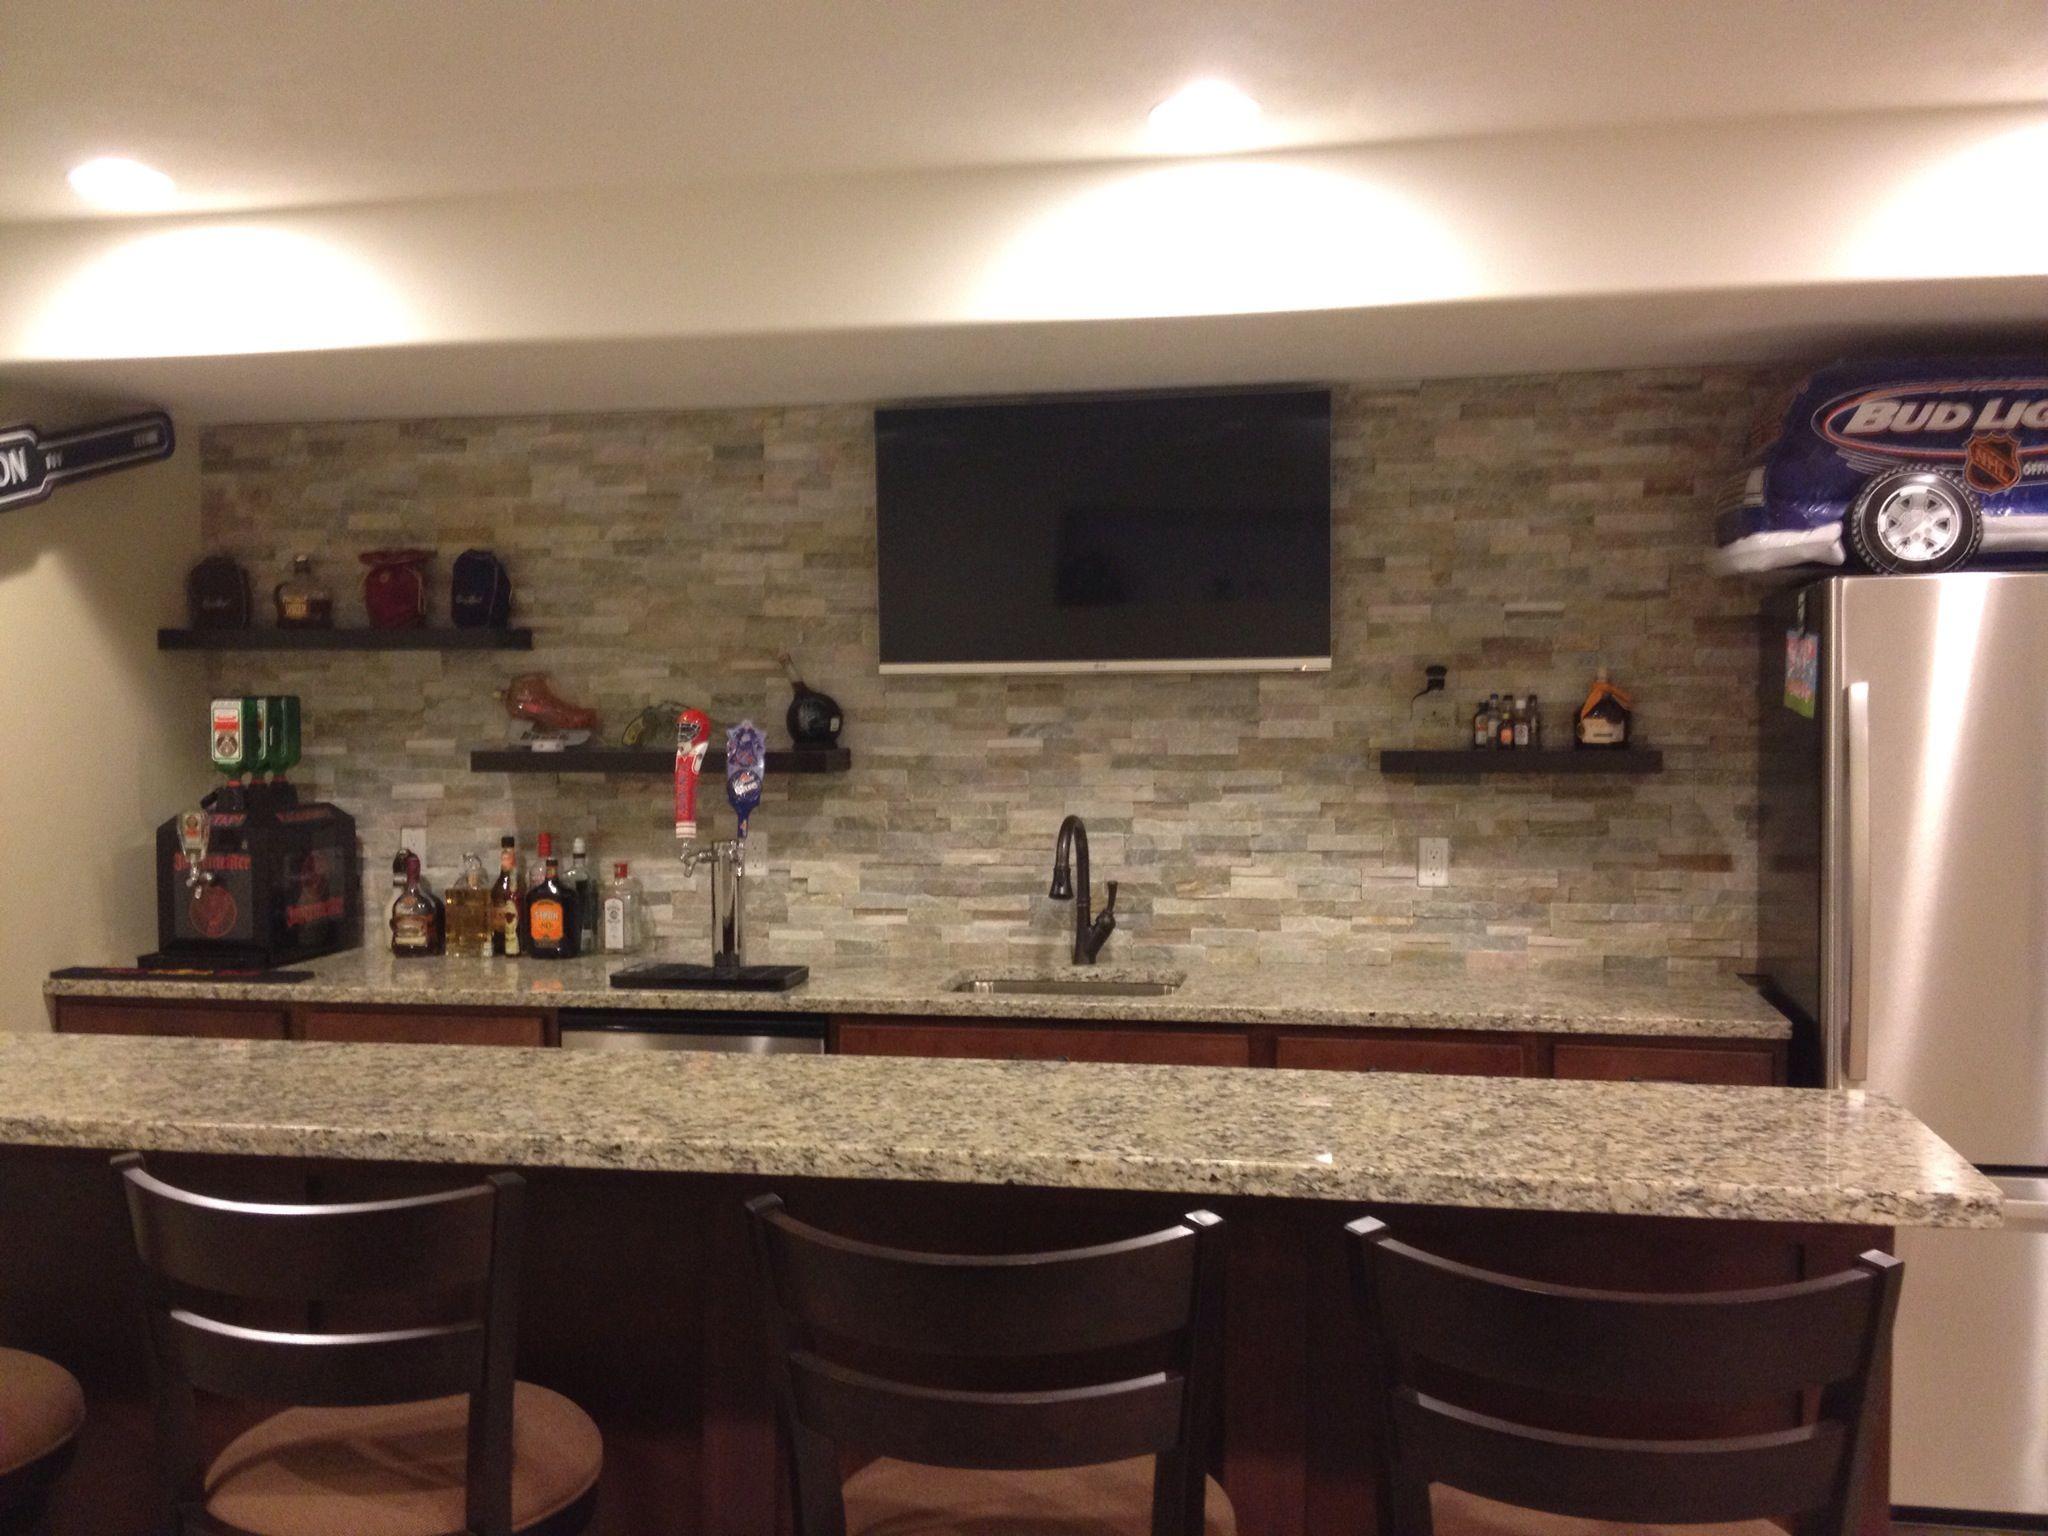 Sleek looking basement mancave bar basement bar for Man cave kitchen ideas